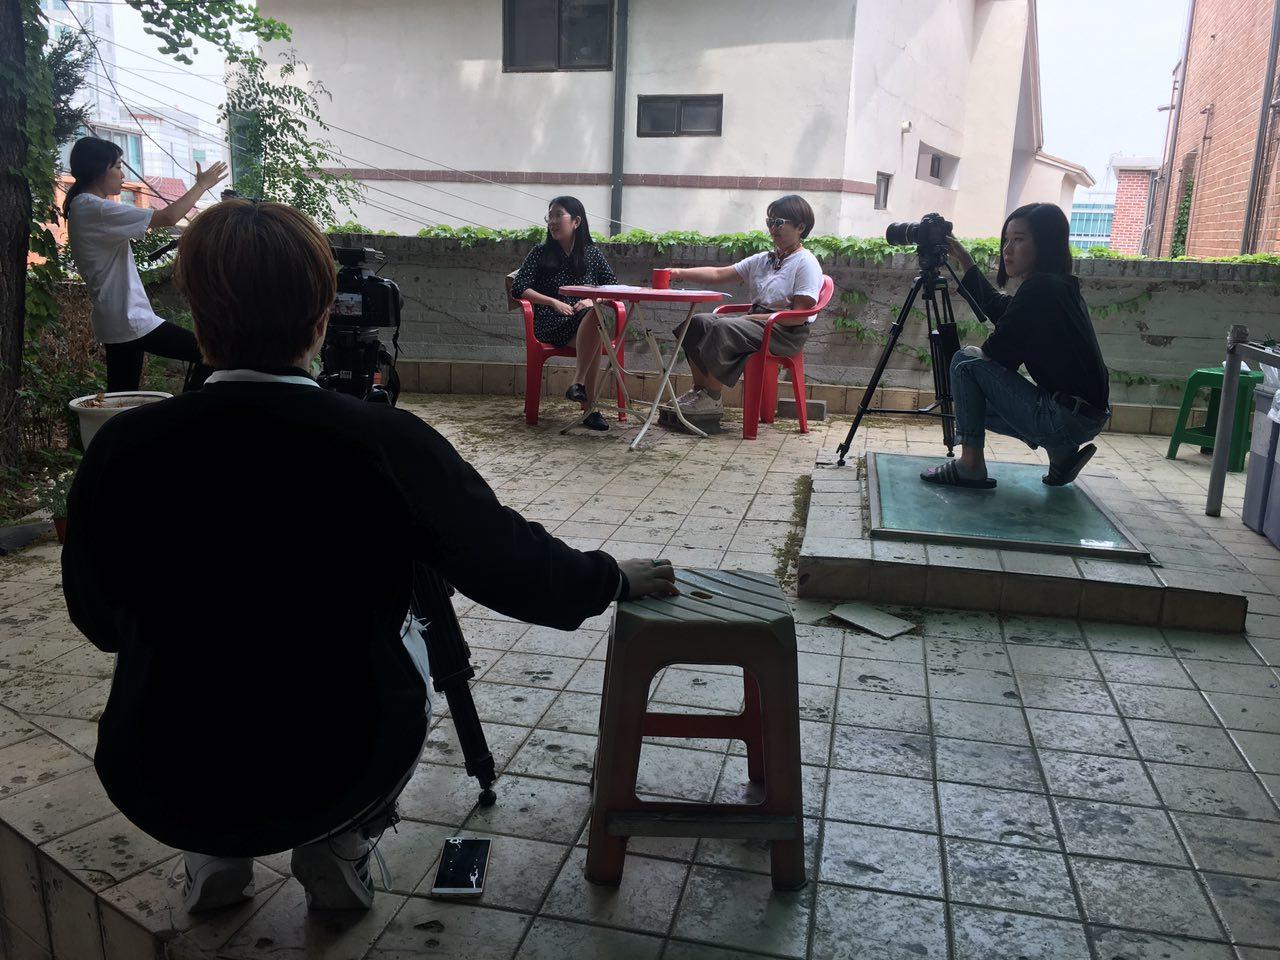 '(활동펼치기) 자원활동가 인터뷰 영상 촬영 그리고 썬구리'의 대표이미지